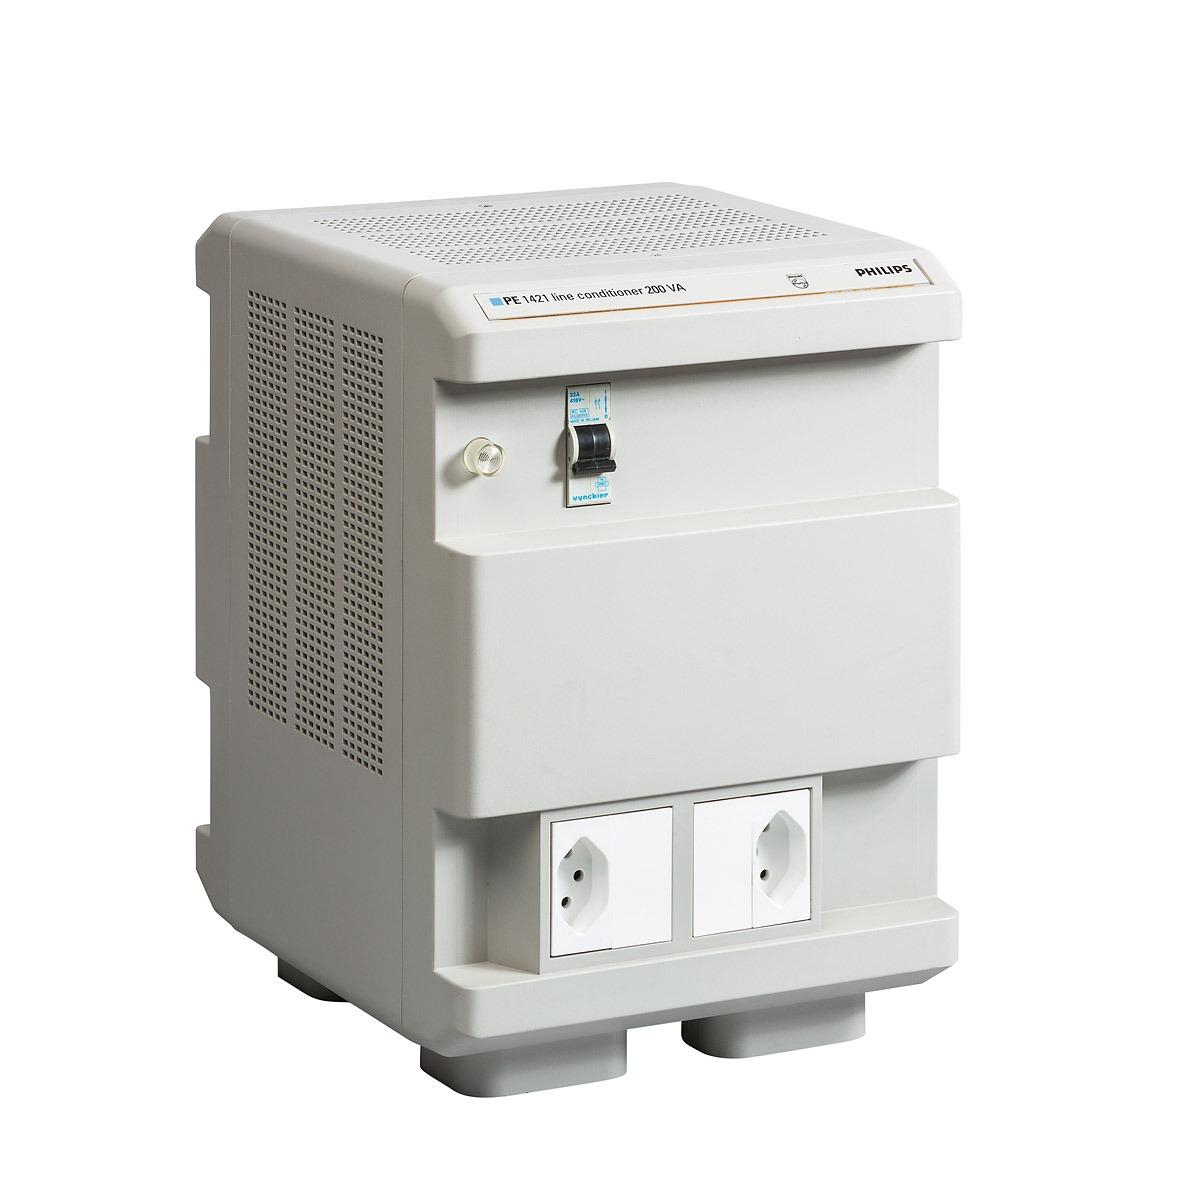 9415 014 21201 (PE1421/20) - Line Conditioner 230V/230V-200VA